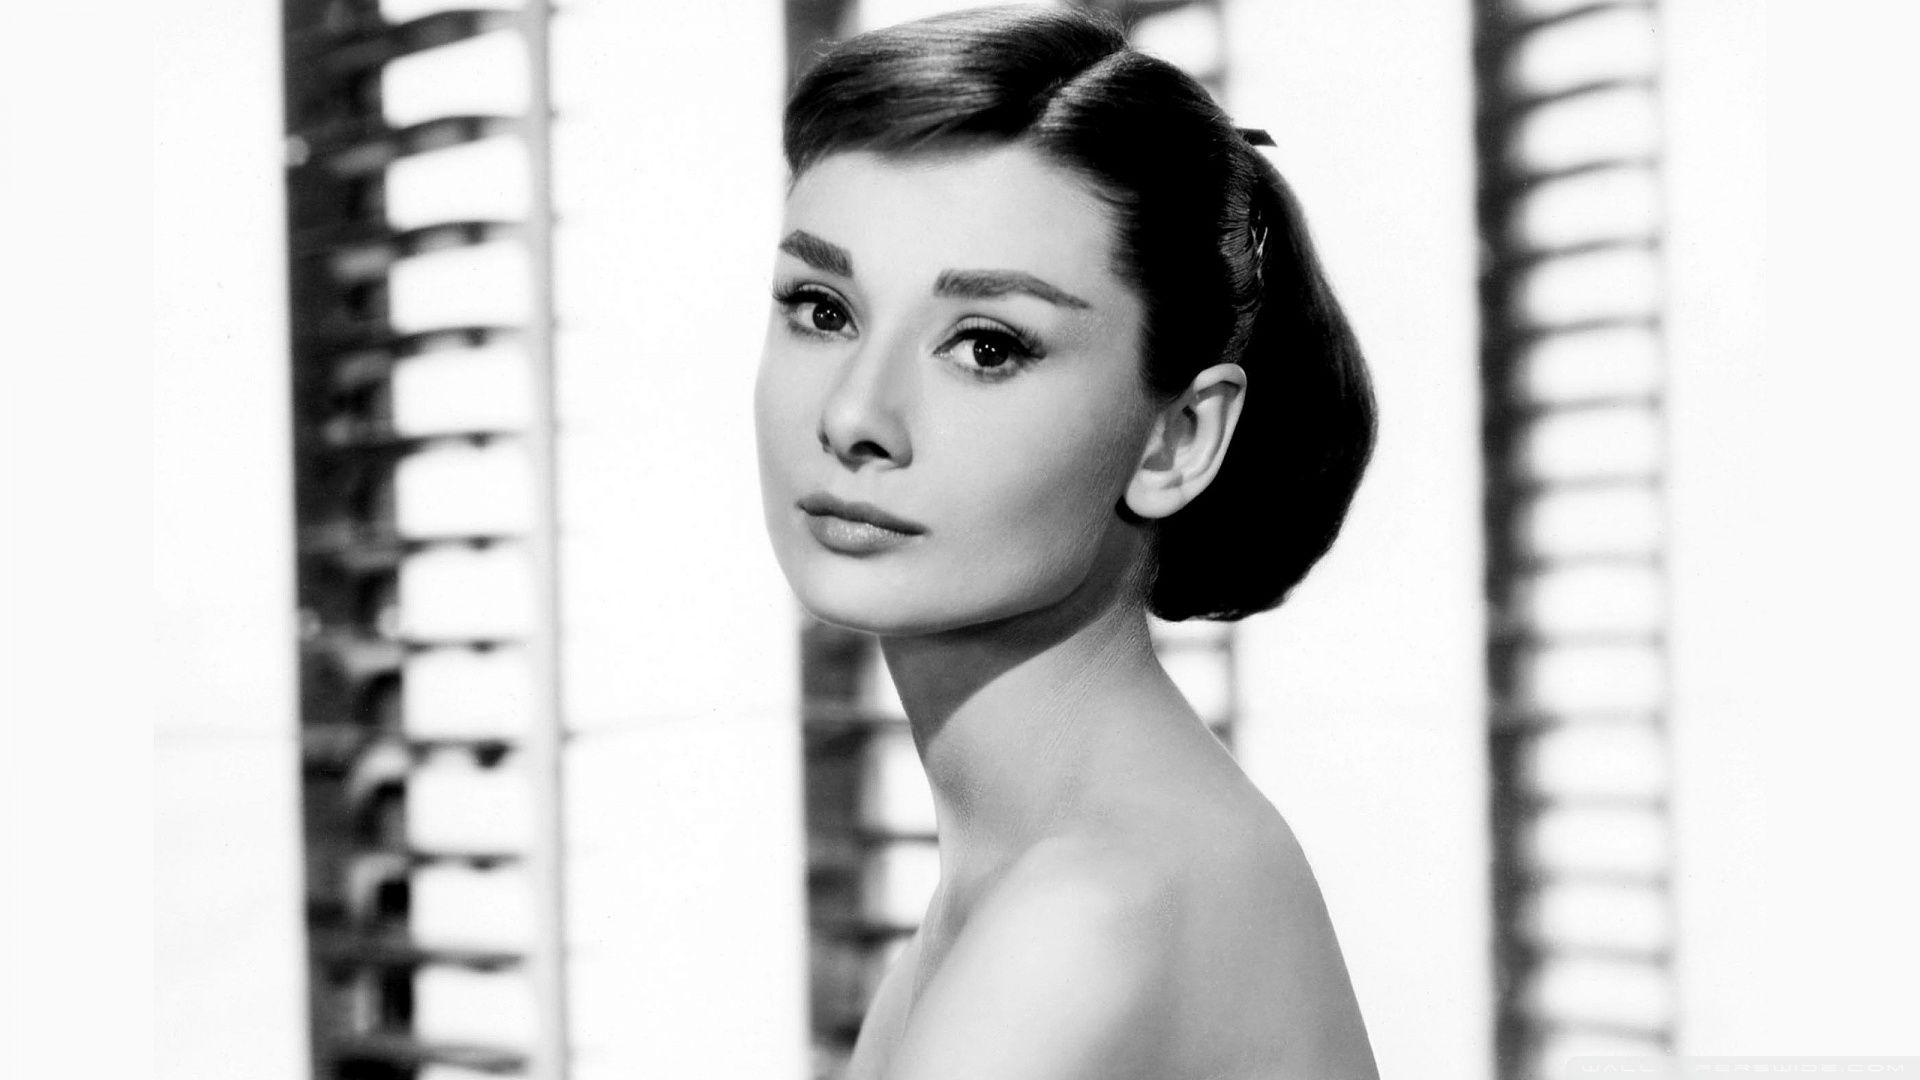 Audrey Hepburn wallpaper photo hd